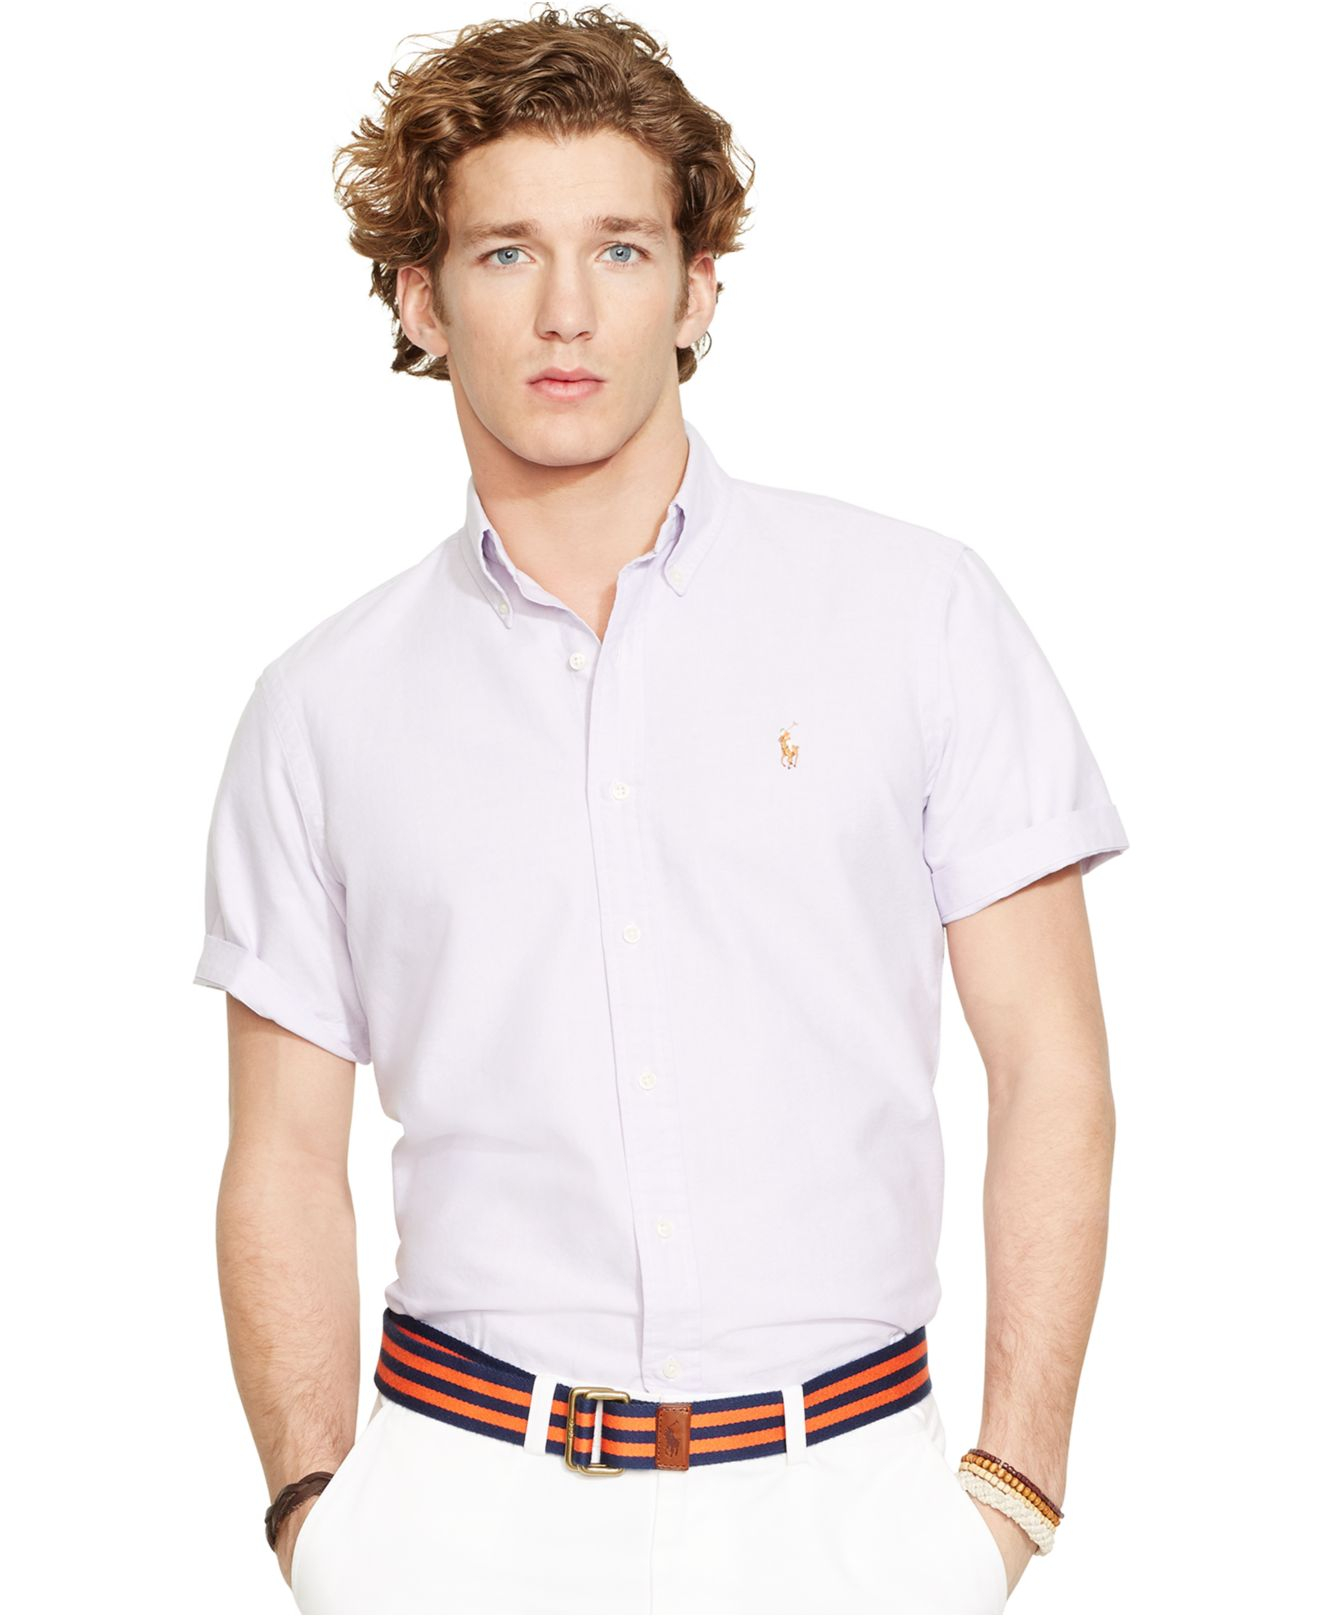 Lyst Polo Ralph Lauren Men 39 S Short Sleeved Oxford Shirt